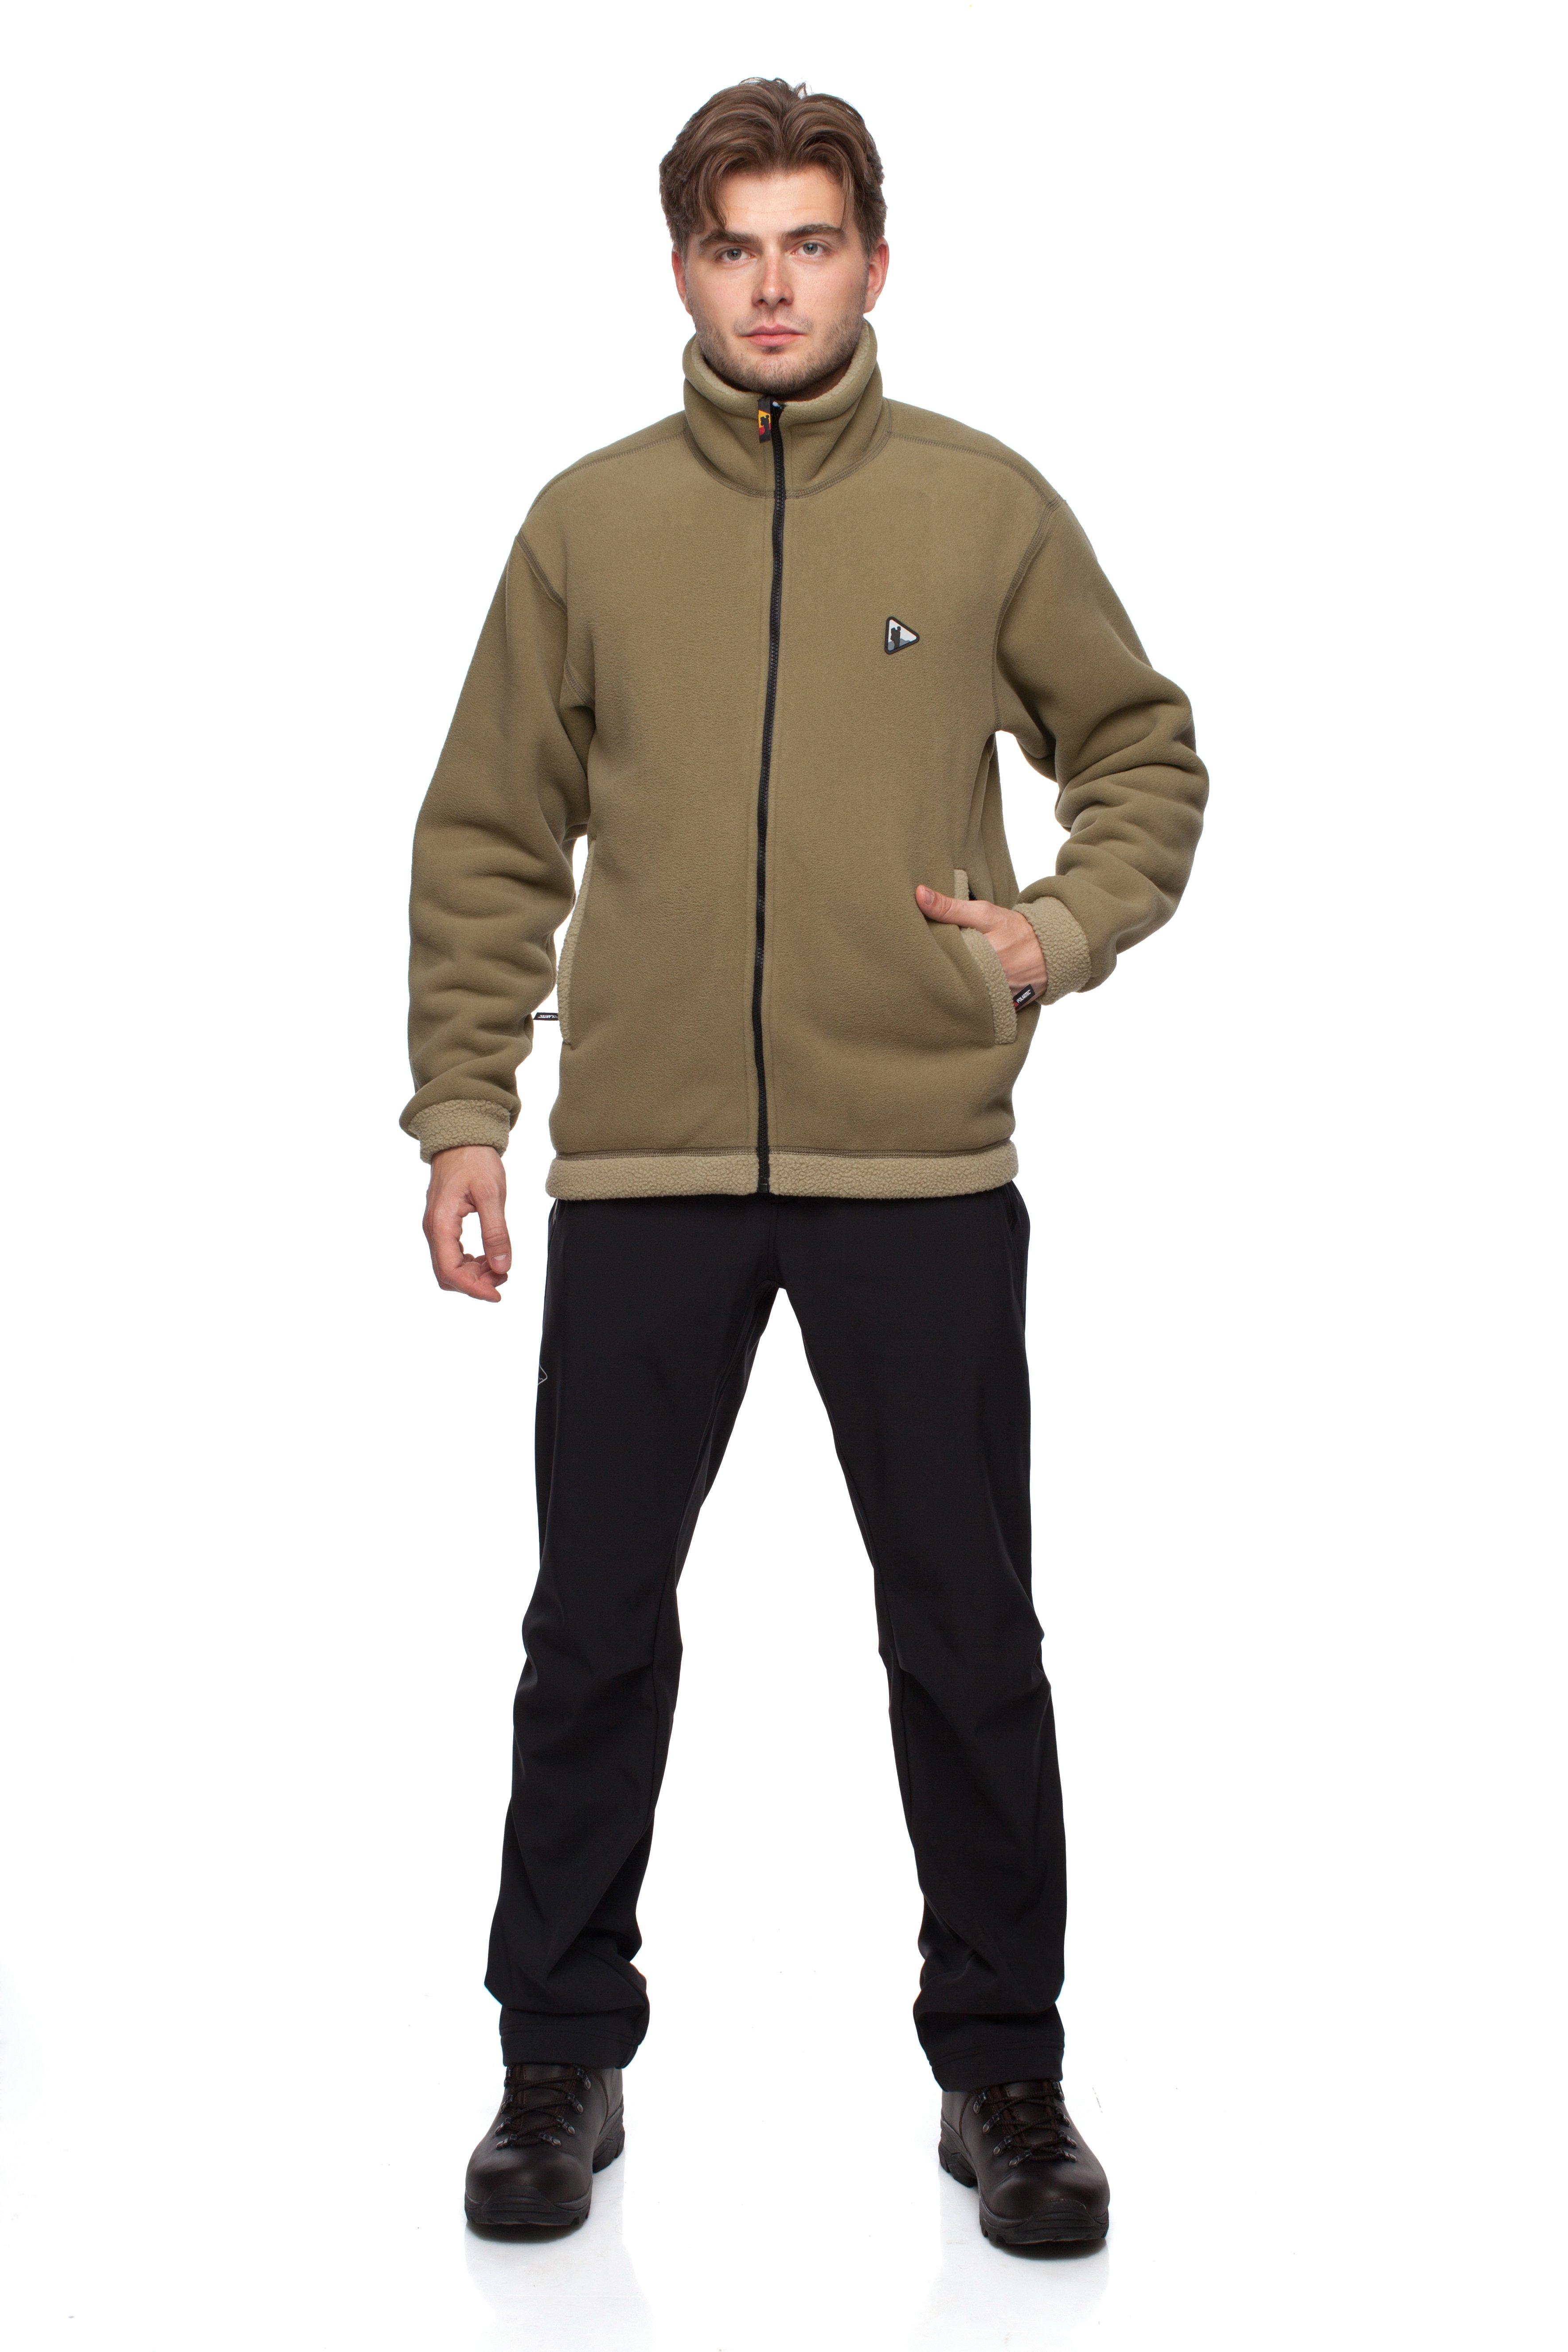 Куртка BASK GUDZON 655Куртка из ткани Polartec&amp;reg; Classic&amp;reg; 375, самой теплой в серии Polartec&amp;reg;. Ткань более ветроустойчива по сравнению с другими тканями серии, ворсистая внутренняя поверхность лучше сохраняет тепло. Для достижения максимального комфорта применена технология плоские швы.<br><br>Боковые карманы: 2<br>Вес граммы: 810<br>Ветрозащитная планка: Да<br>Внутренние карманы: 2<br>Материал: Polartec® Classic 375<br>Материал усиления: нет<br>Пол: Муж.<br>Регулировка вентиляции: Нет<br>Регулировка низа: Да<br>Регулируемые вентиляционные отверстия: Нет<br>Тип молнии: Однозамковая<br>Усиление контактных зон: Нет<br>Размер INT: L<br>Цвет: ЗЕЛЕНЫЙ